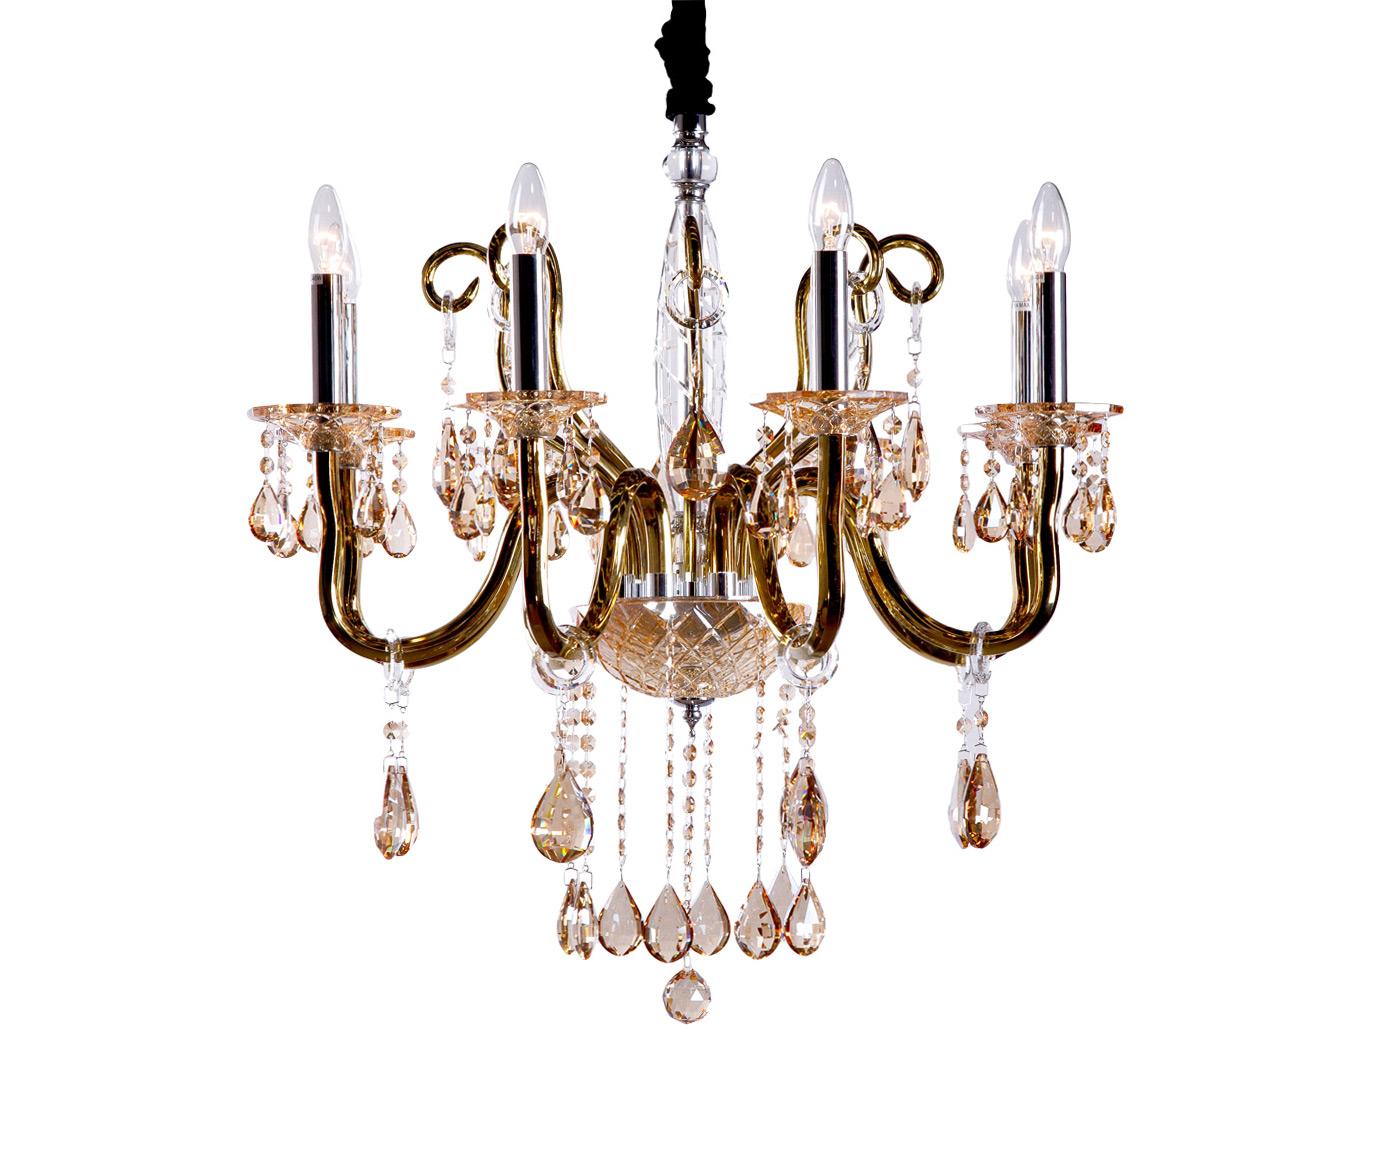 Люстра ДоминикаЛюстры подвесные<br>&amp;lt;div&amp;gt;Роскошная люстра в классическом стиле Доминика придаст вашему интерьеру солидность и перенесет в эпоху балов и приемов в частных особняках. Люстра выполнена в золотом цвете и позволяет использовать до шести лампочек одновременно. Рекомендуется использовать лампы в форме свечей.&amp;lt;/div&amp;gt;&amp;lt;div&amp;gt;&amp;lt;br&amp;gt;&amp;lt;/div&amp;gt;&amp;lt;div&amp;gt;Вид цоколя: E14&amp;lt;/div&amp;gt;&amp;lt;div&amp;gt;Мощность лампы: 40W&amp;lt;/div&amp;gt;&amp;lt;div&amp;gt;Количество ламп: 8 (нет в комплекте)&amp;lt;/div&amp;gt;&amp;lt;div&amp;gt;&amp;lt;br&amp;gt;&amp;lt;/div&amp;gt;&amp;lt;div&amp;gt;Материал: металл, стекло.&amp;lt;/div&amp;gt;<br><br>Material: Стекло<br>Width см: 77<br>Depth см: 77<br>Height см: 68